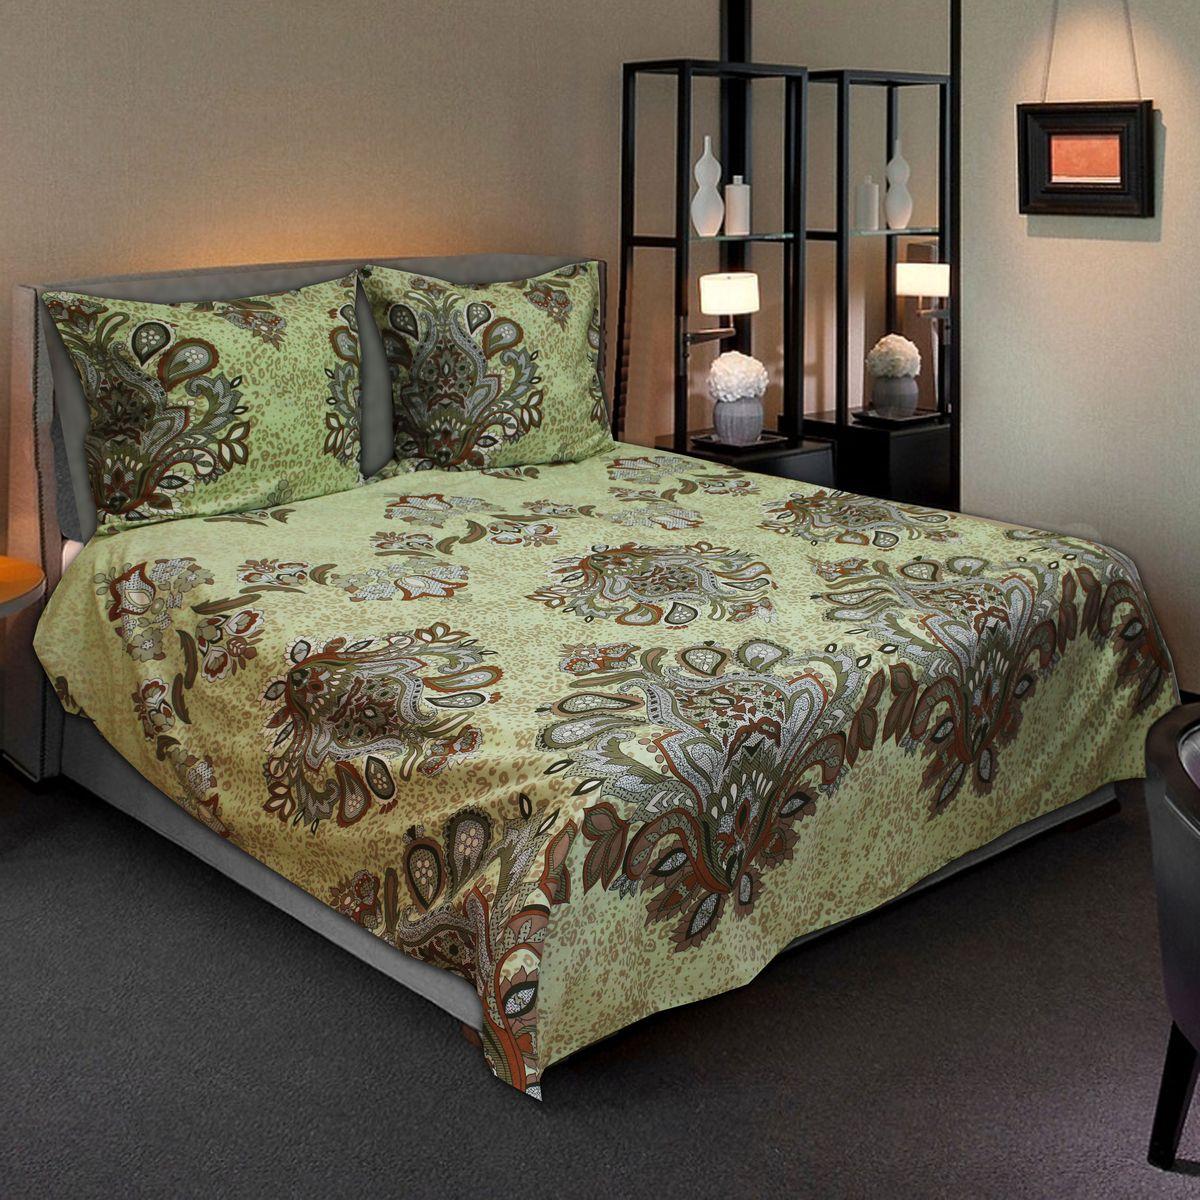 Комплект белья Amore Mio Decor, семейный, наволочки 70х70CA-3505Комплект постельного белья Amore Mio является экологически безопасным для всей семьи, так как выполнен из бязи (100% хлопок). Постельное белье оформлено оригинальным рисунком и имеет изысканный внешний вид.Легкая, плотная, мягкая ткань отлично стирается, гладится, быстро сохнет.Комплект состоит из двух пододеяльников, простыни и двух наволочек.